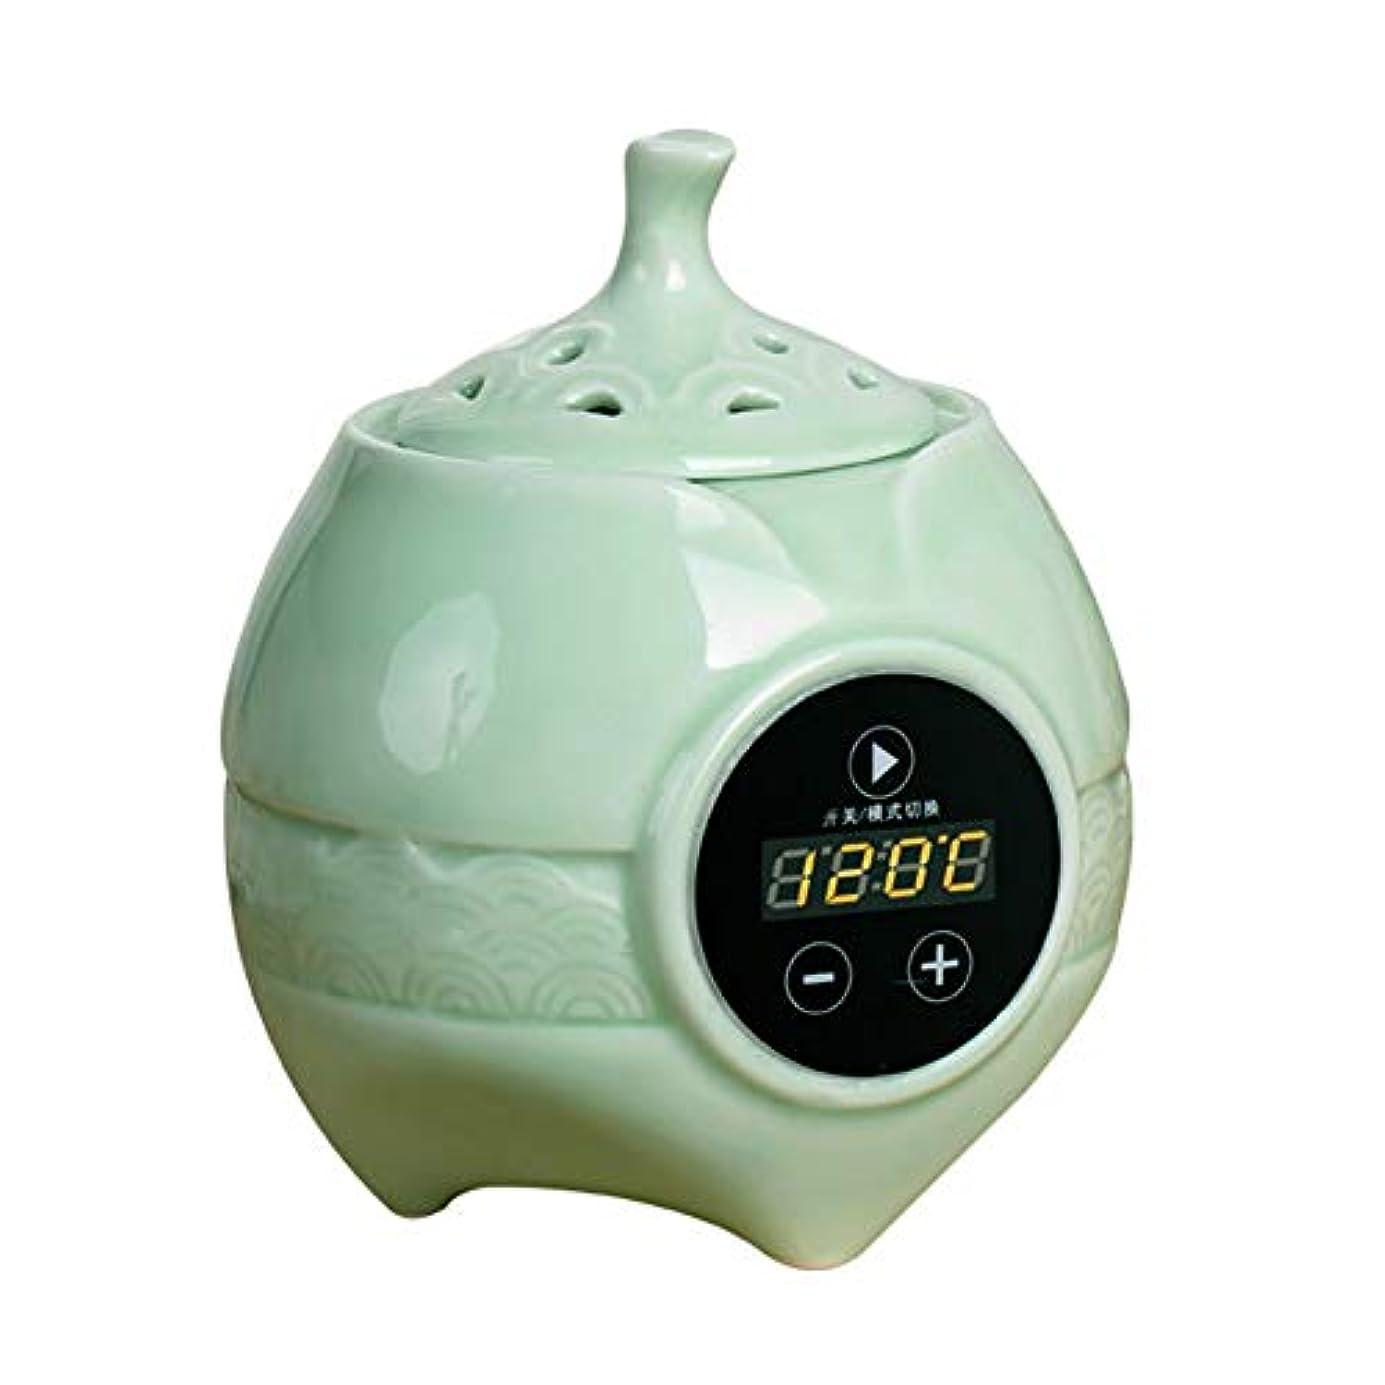 寄り添うほかに影響力のあるアロマディフューザー LCD温度制御 香炉、 電気セラミック 寒天 エッセンシャルオイル アロマテラピーディフューザー、 ホーム磁器、 バルコニー、 ポーチ、 パティオ、 ガーデンエッセンシャル セラミック電気香炉